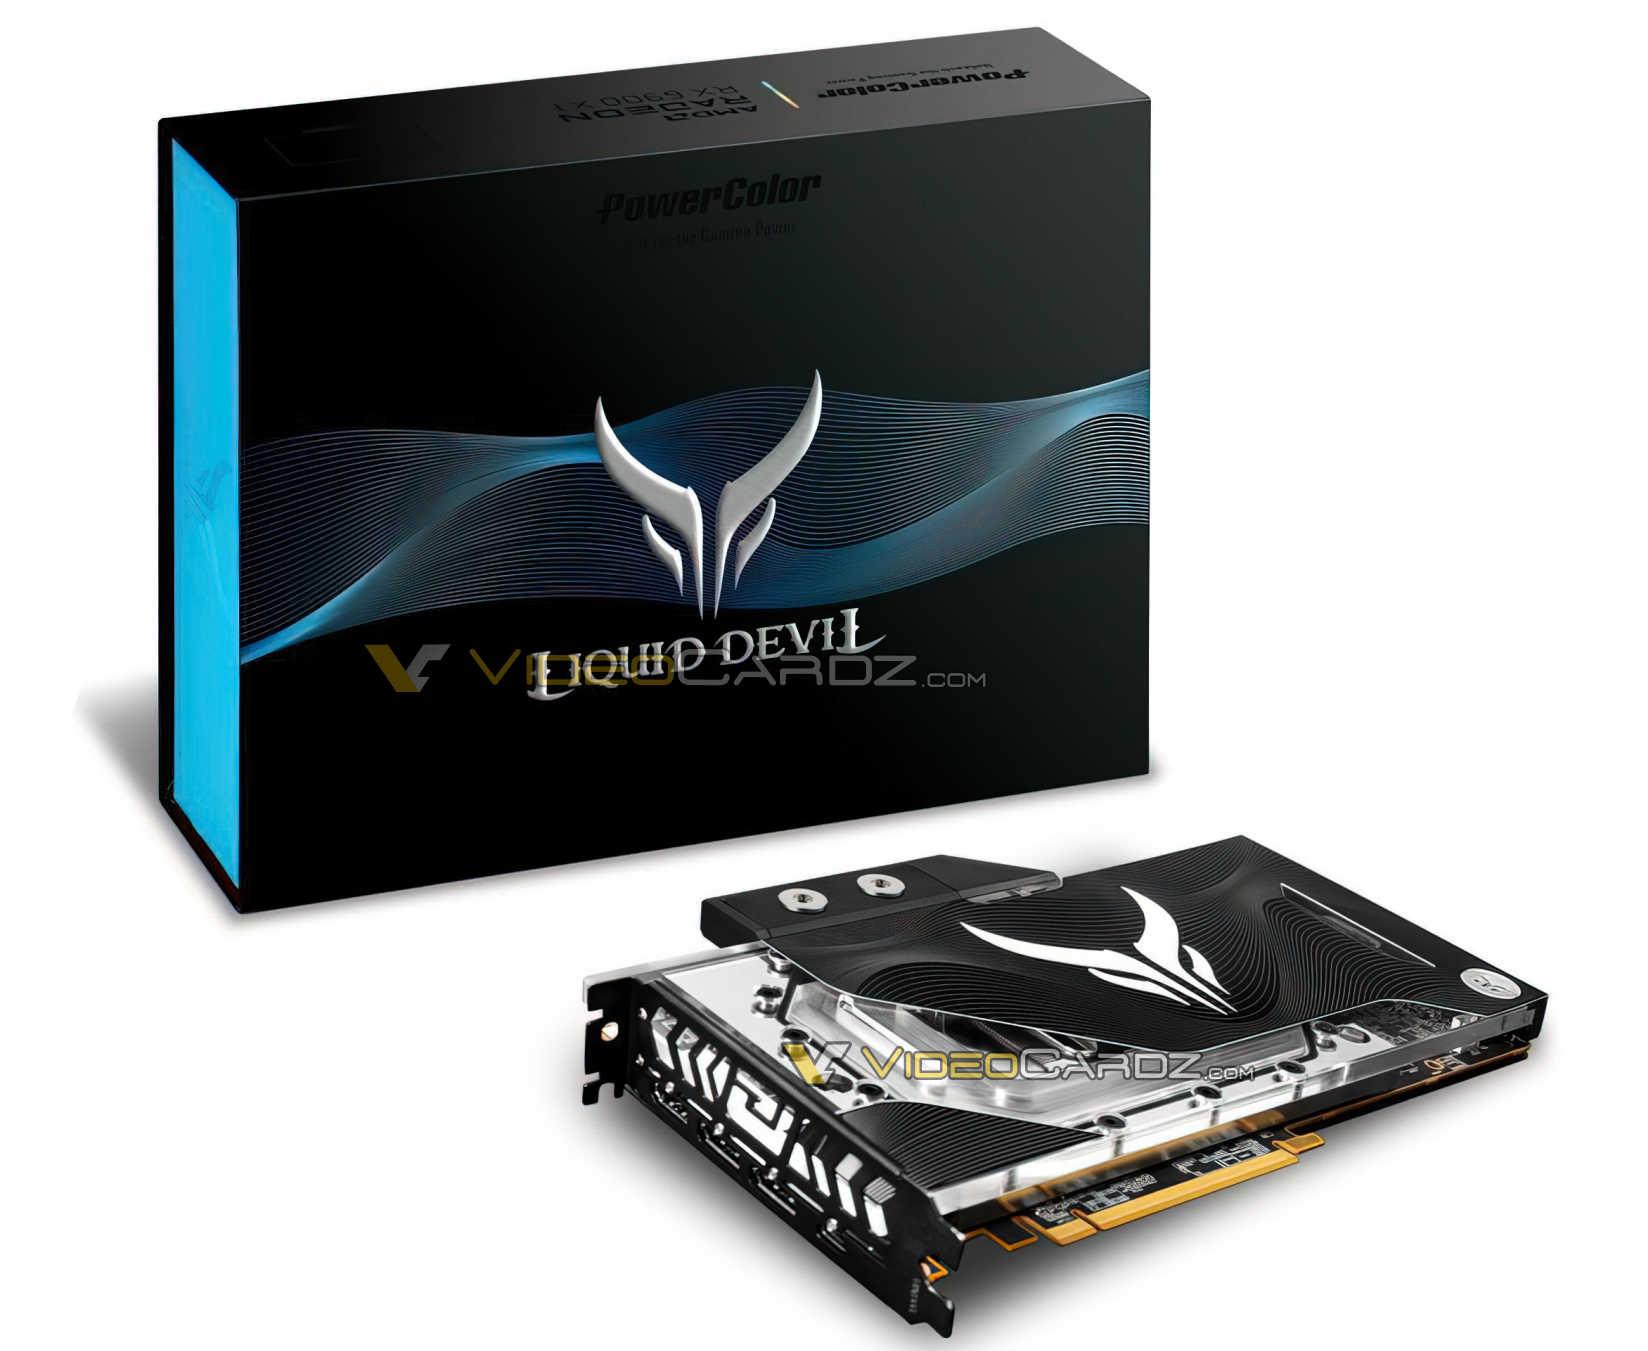 تسريب صور بطاقة Radeon RX 6900 XT Liquid Devil من شركة PowerColor